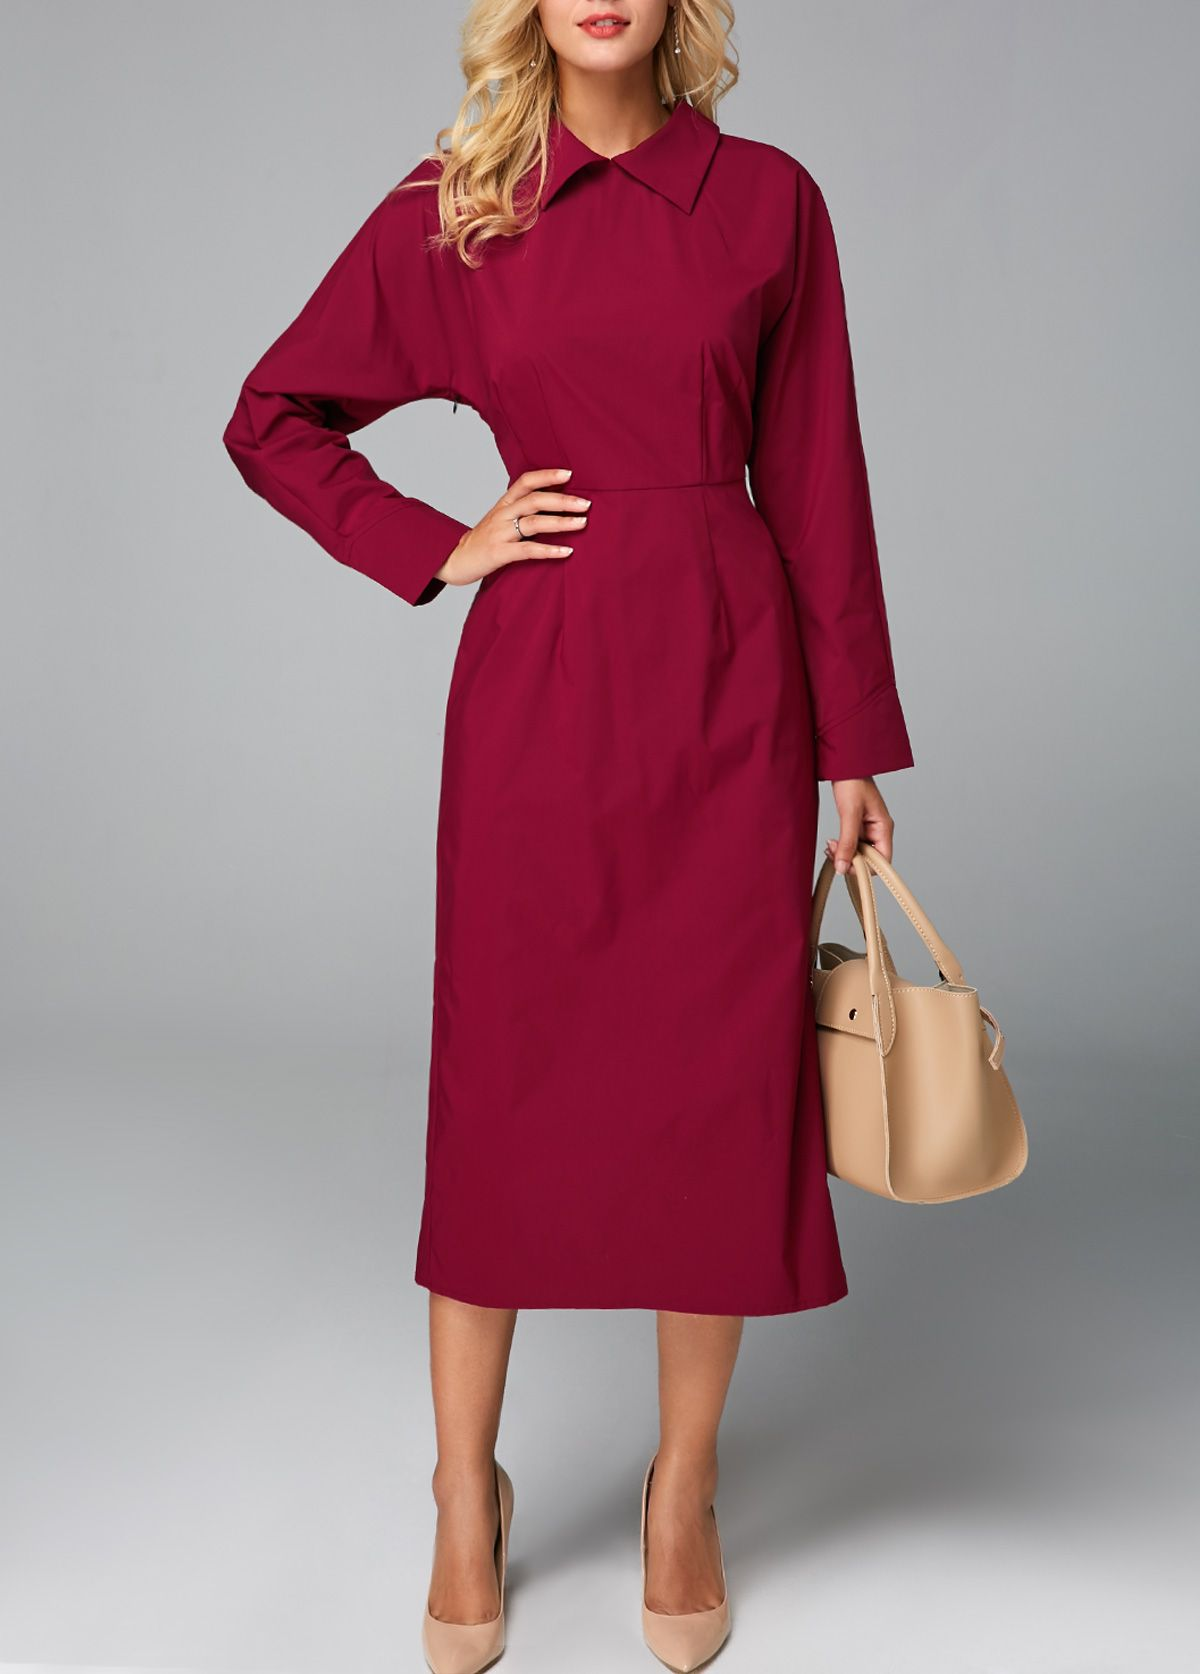 a8d0545595 Vestido a media pierna con cuello redondo en la espalda de vino rojo ...